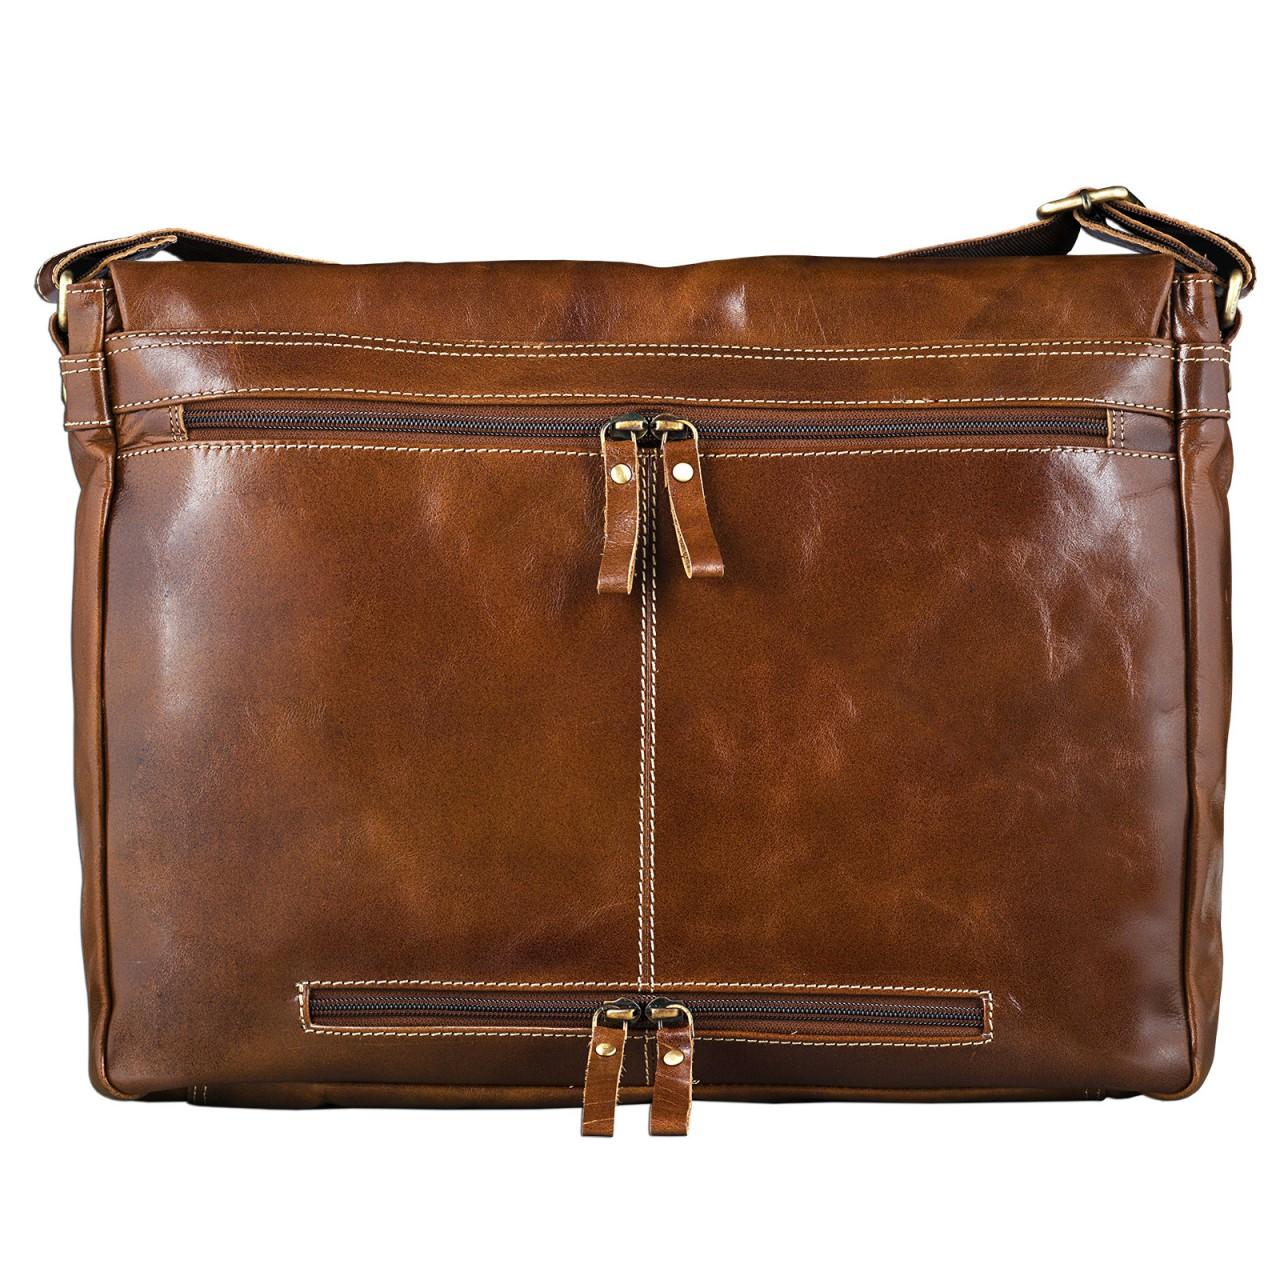 STILORD Messenger Bag Leder Umhängetasche Unisex Aktentasche Bürotasche aufsteckbar Vintage Retro Rinds-Leder braun - Bild 4